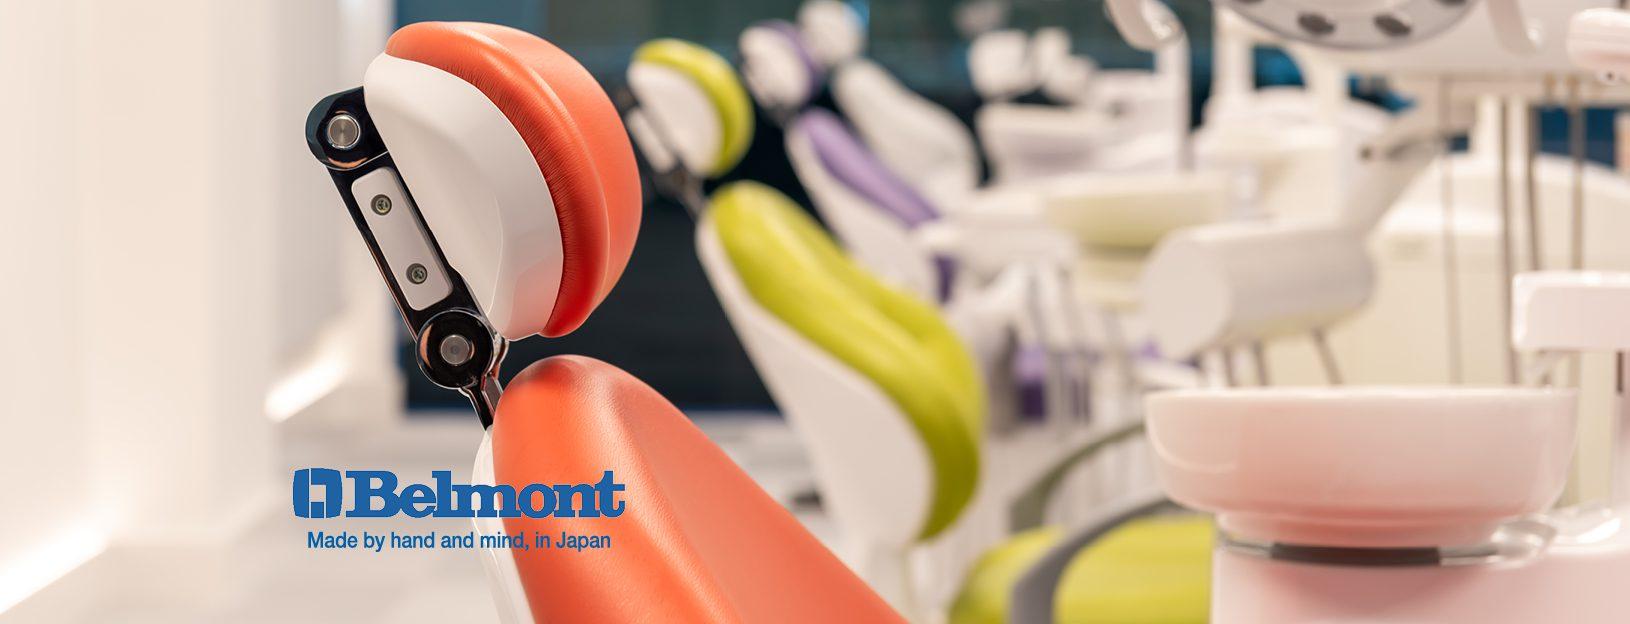 The extensive Belmont Dental Equipment range